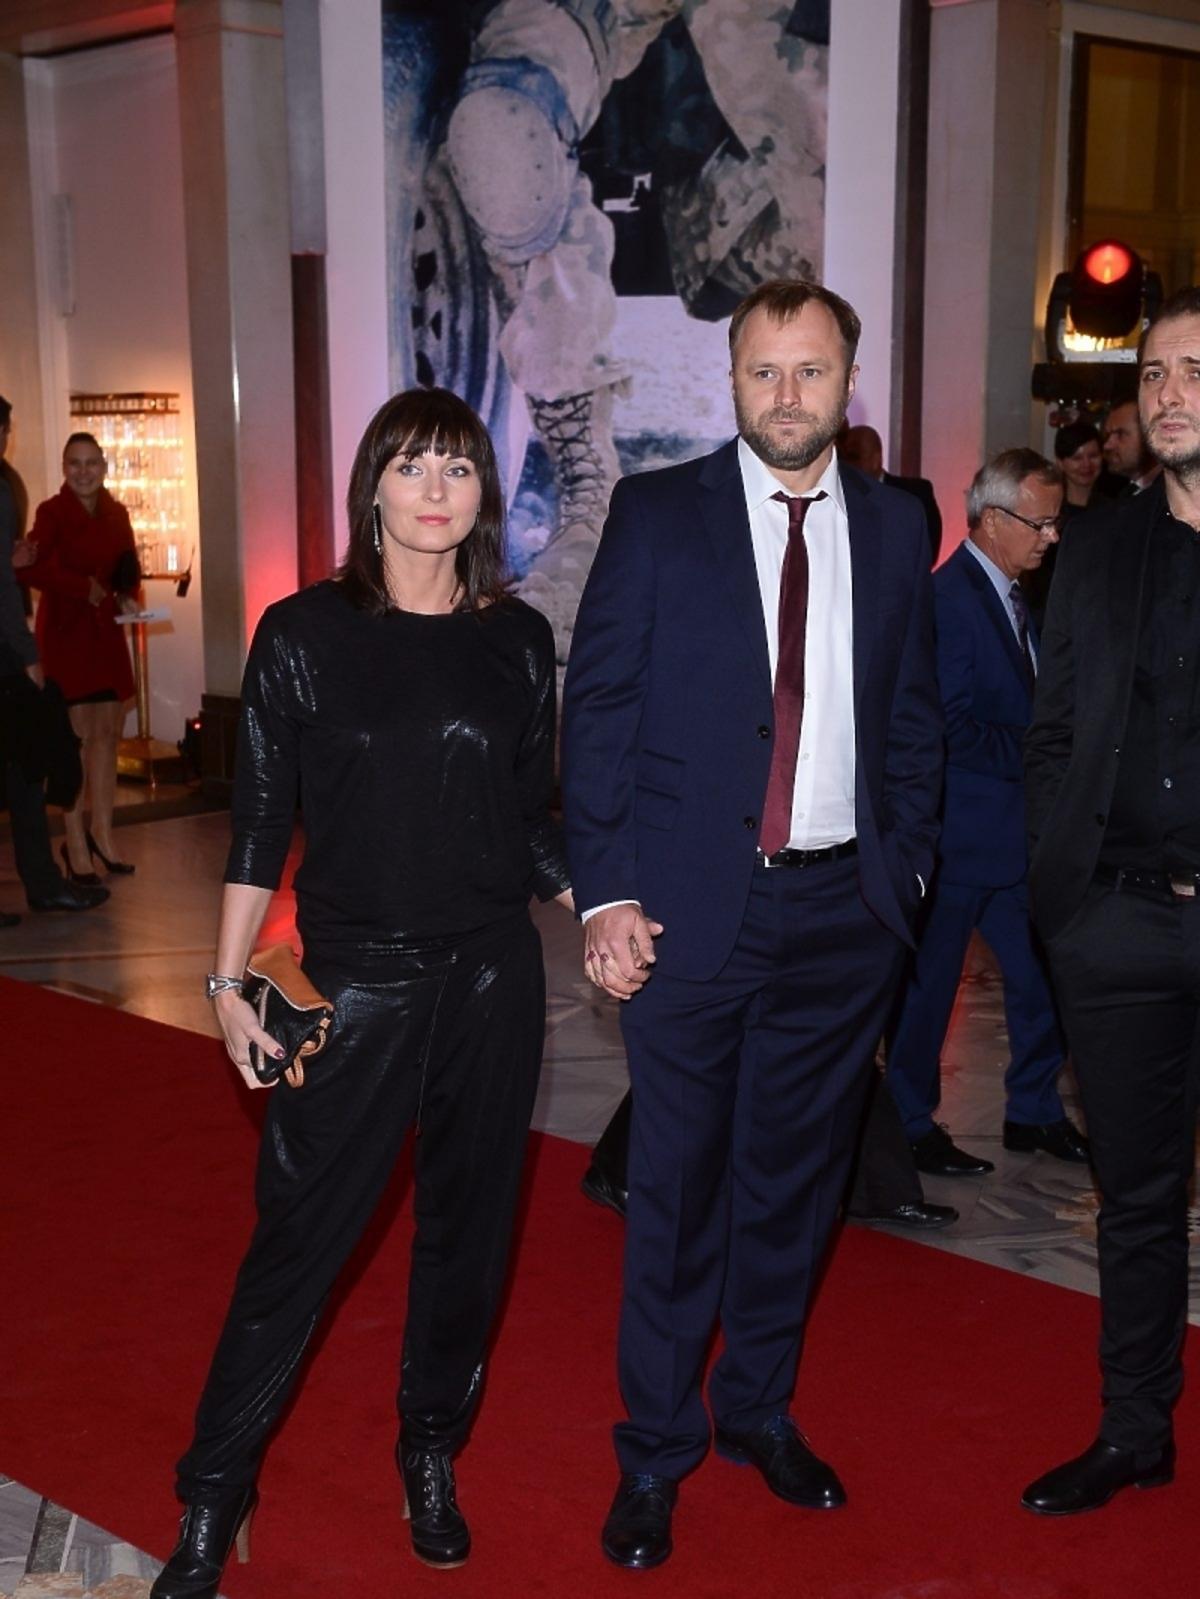 Ilona Wrońska i Leszek Lichota na czerwonym dywanie